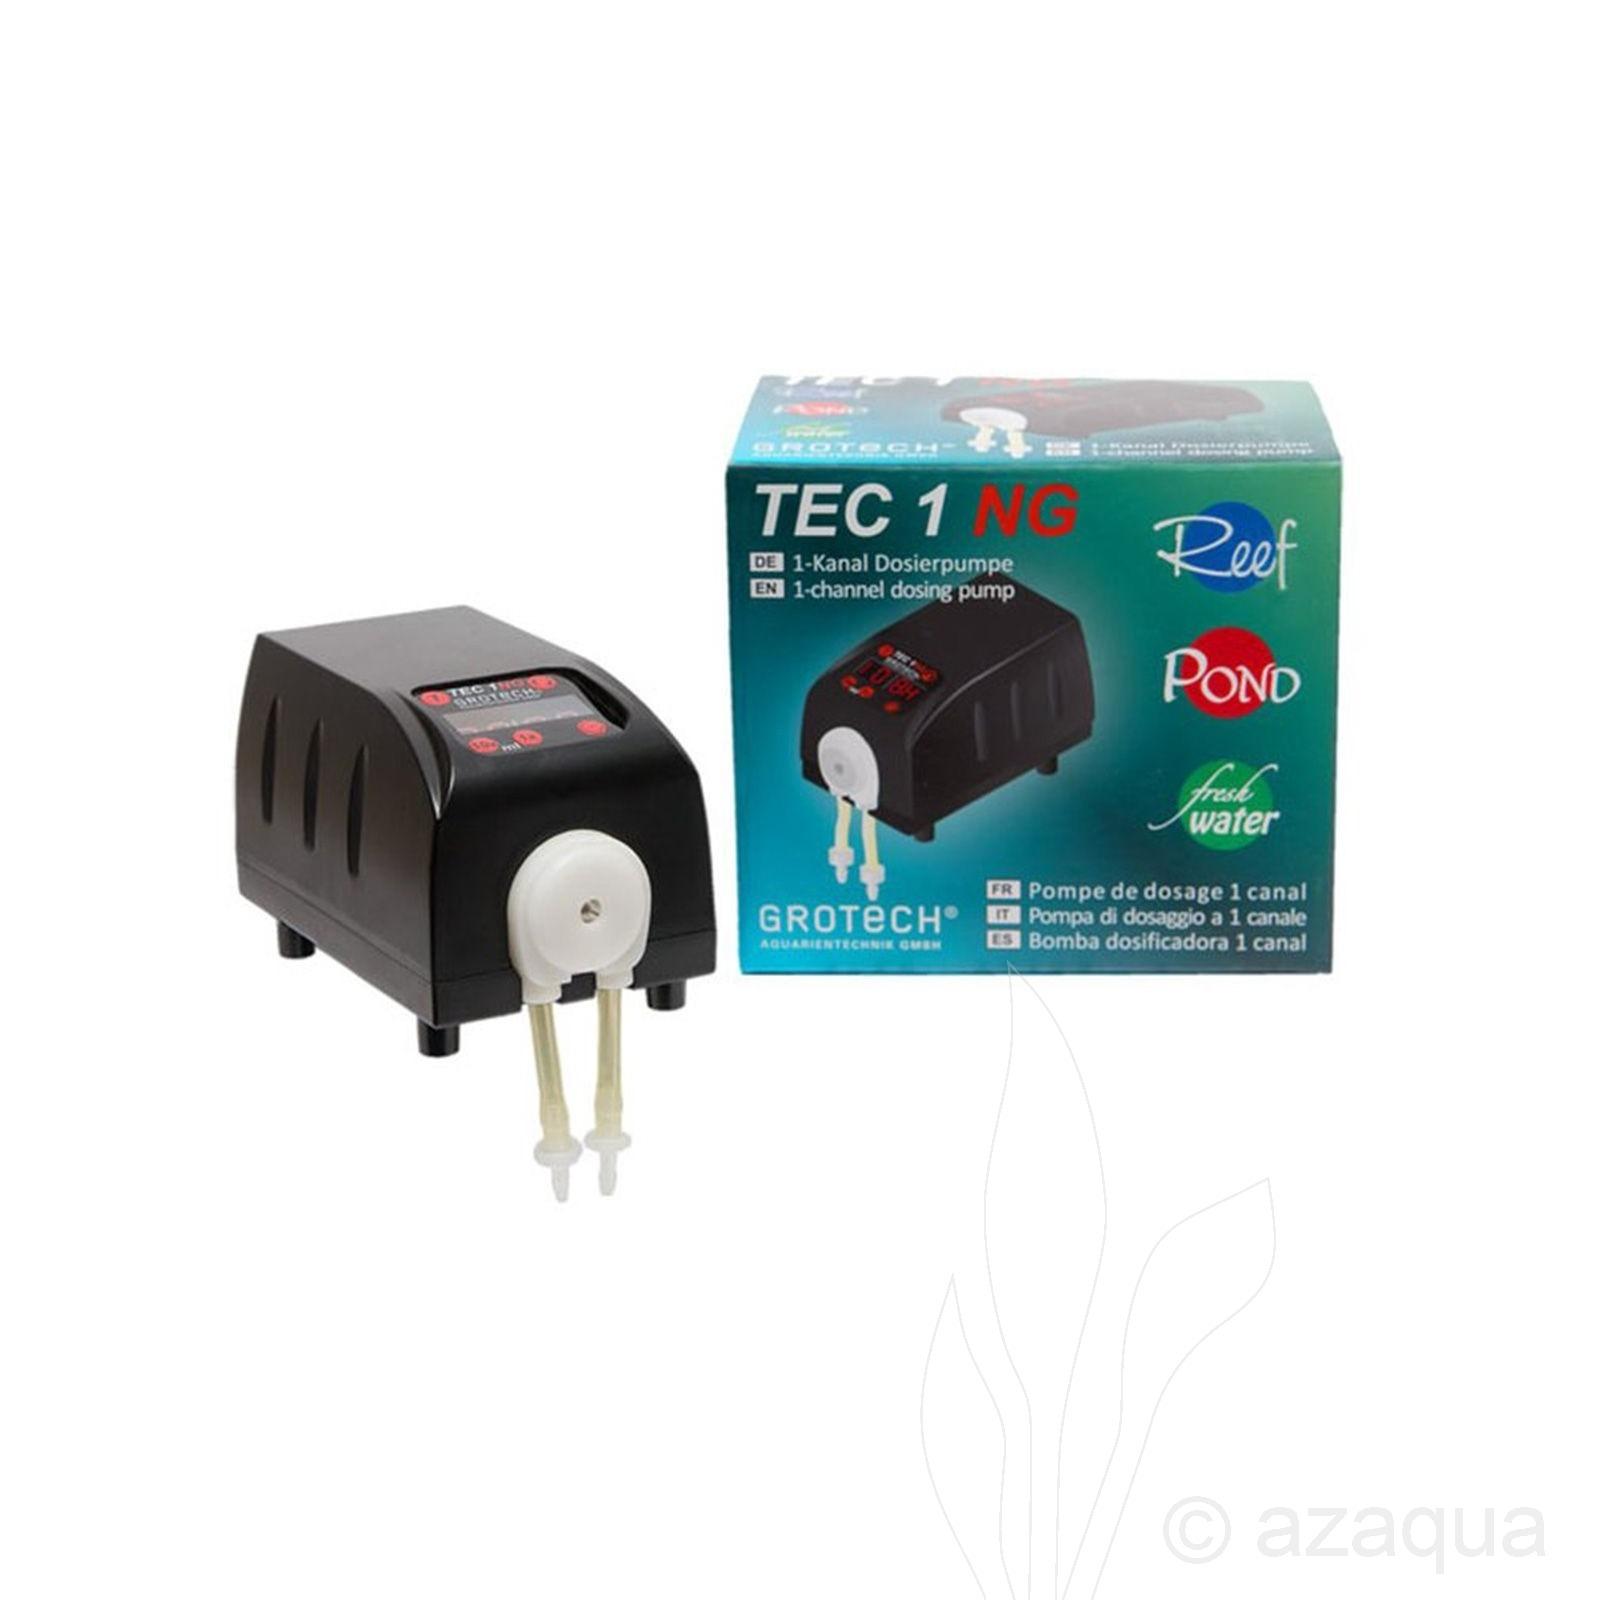 TEC 1 NG 1-kanaal doseerpomp